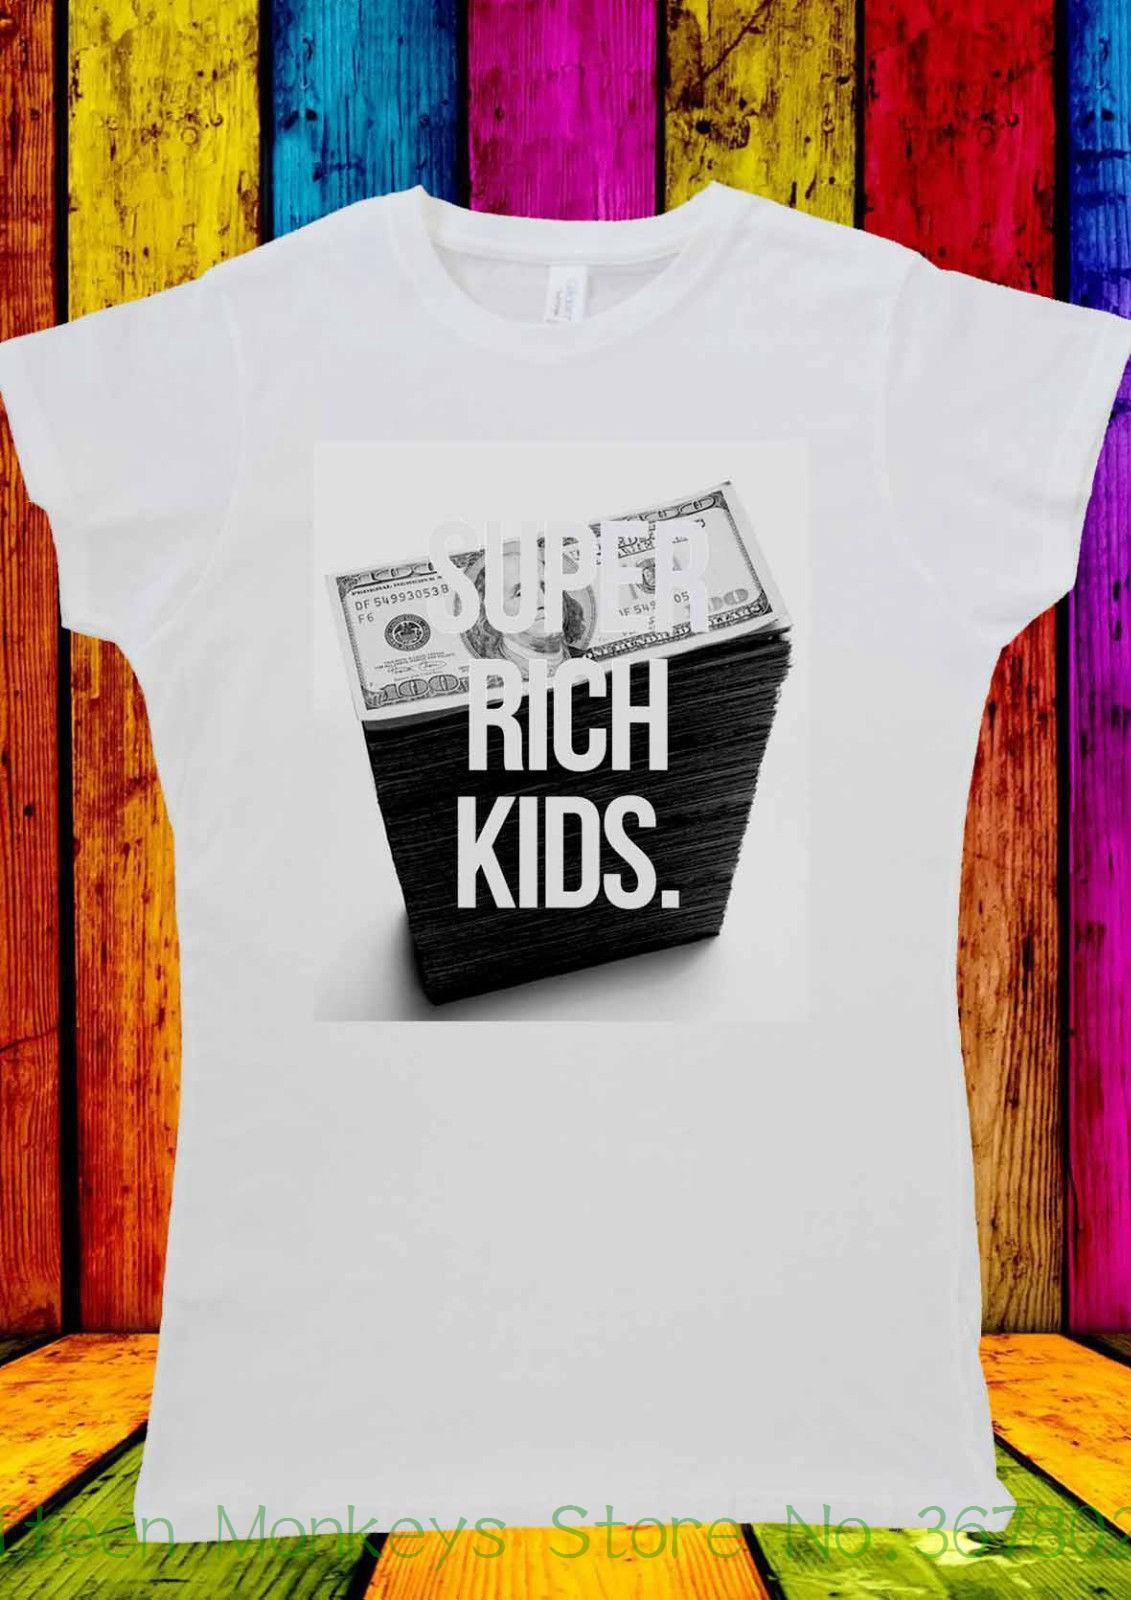 Women S Tee Super Rich Kids Money Dolar Tumblr T Shirt Men Women Unisex  1079 Funny Angel Grunge Femme Streetwear Silly Tee Shirts Tee Shirt Site  From Jie13, ... 32606d618d5a